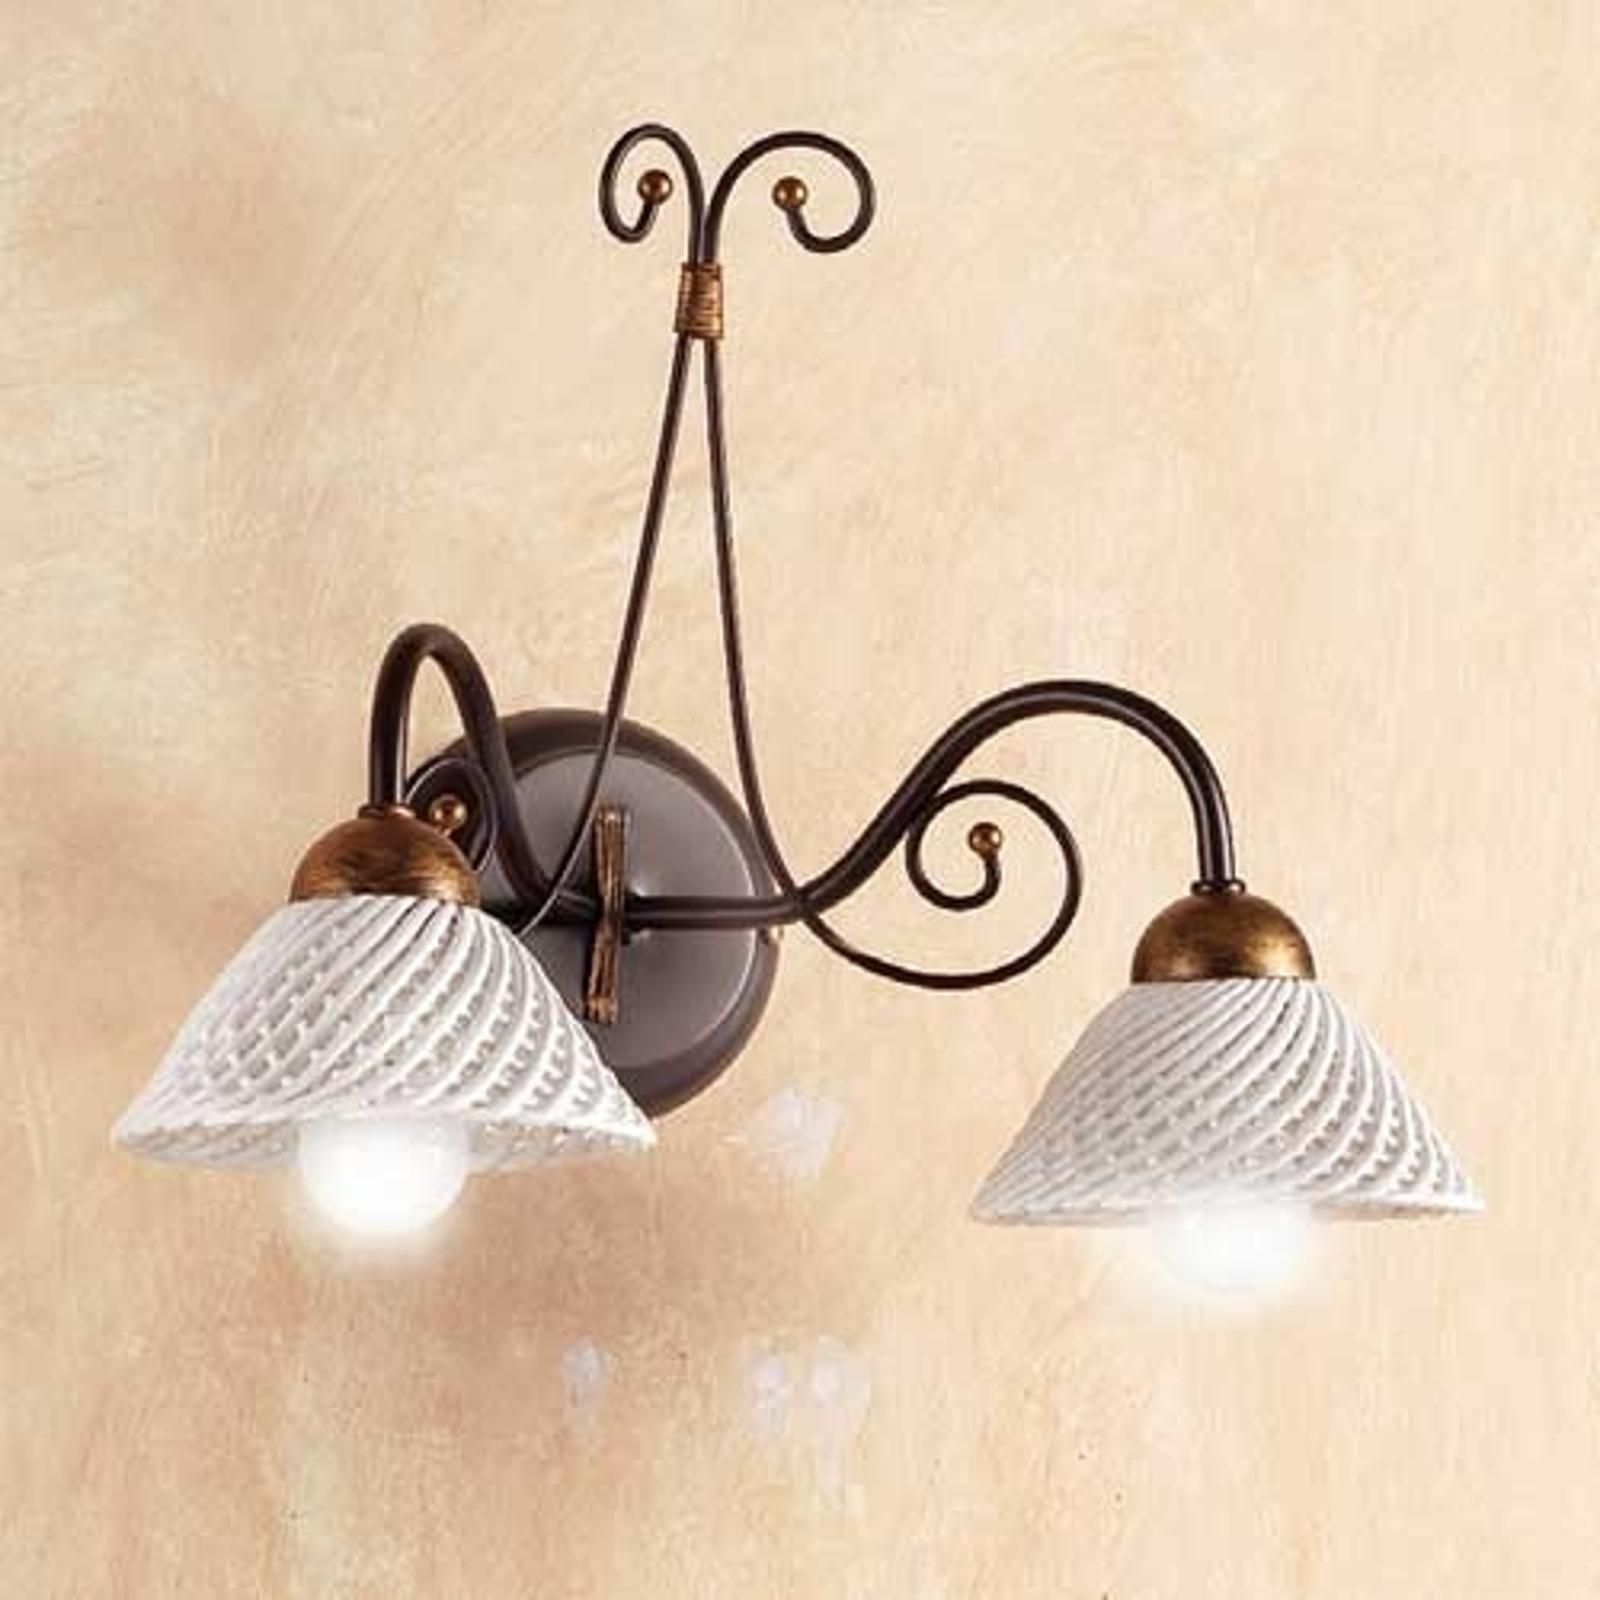 Væglampe RETINA, med 2 lyskilder